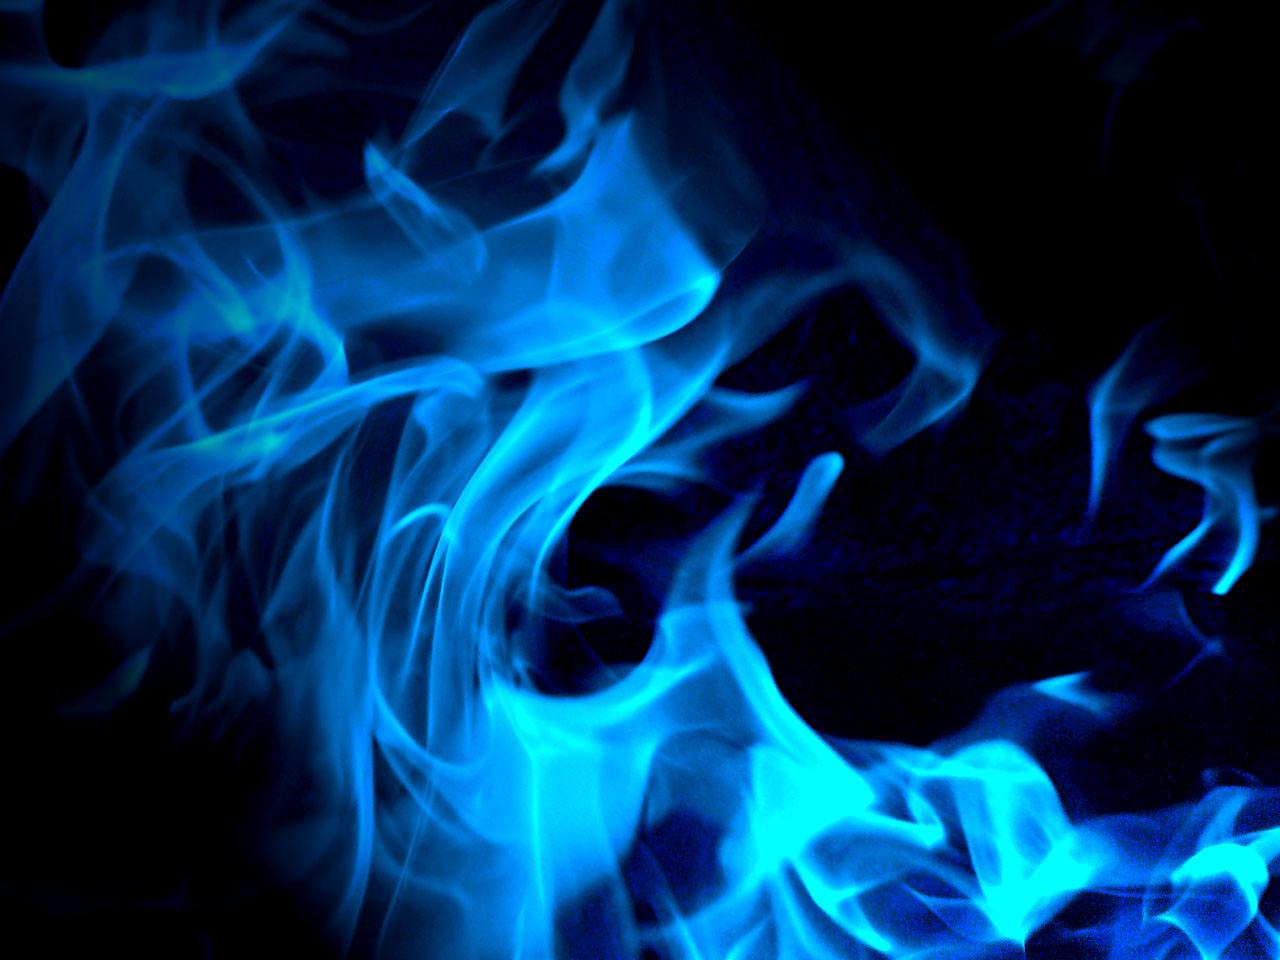 http://fc02.deviantart.com/images3/i/2004/146/4/d/Blue_Fire.jpg